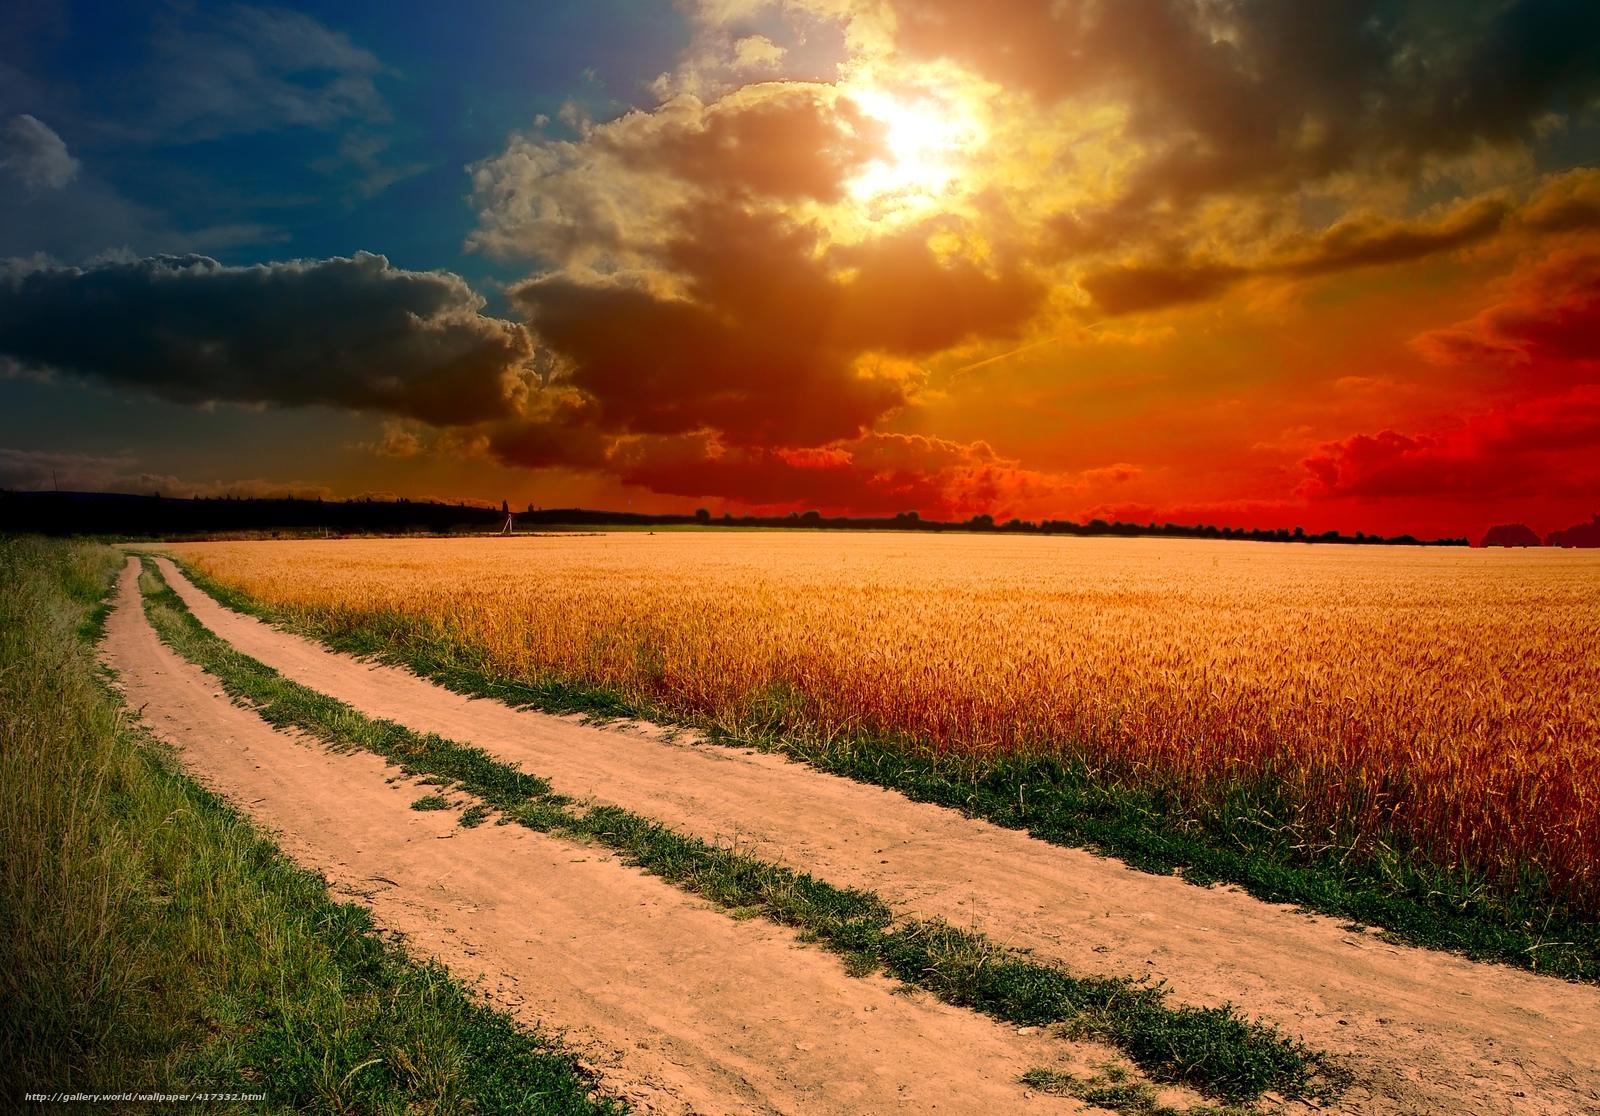 Himmel Wolken Sonne Wallpaper Himmel Wolken Sonne Feld